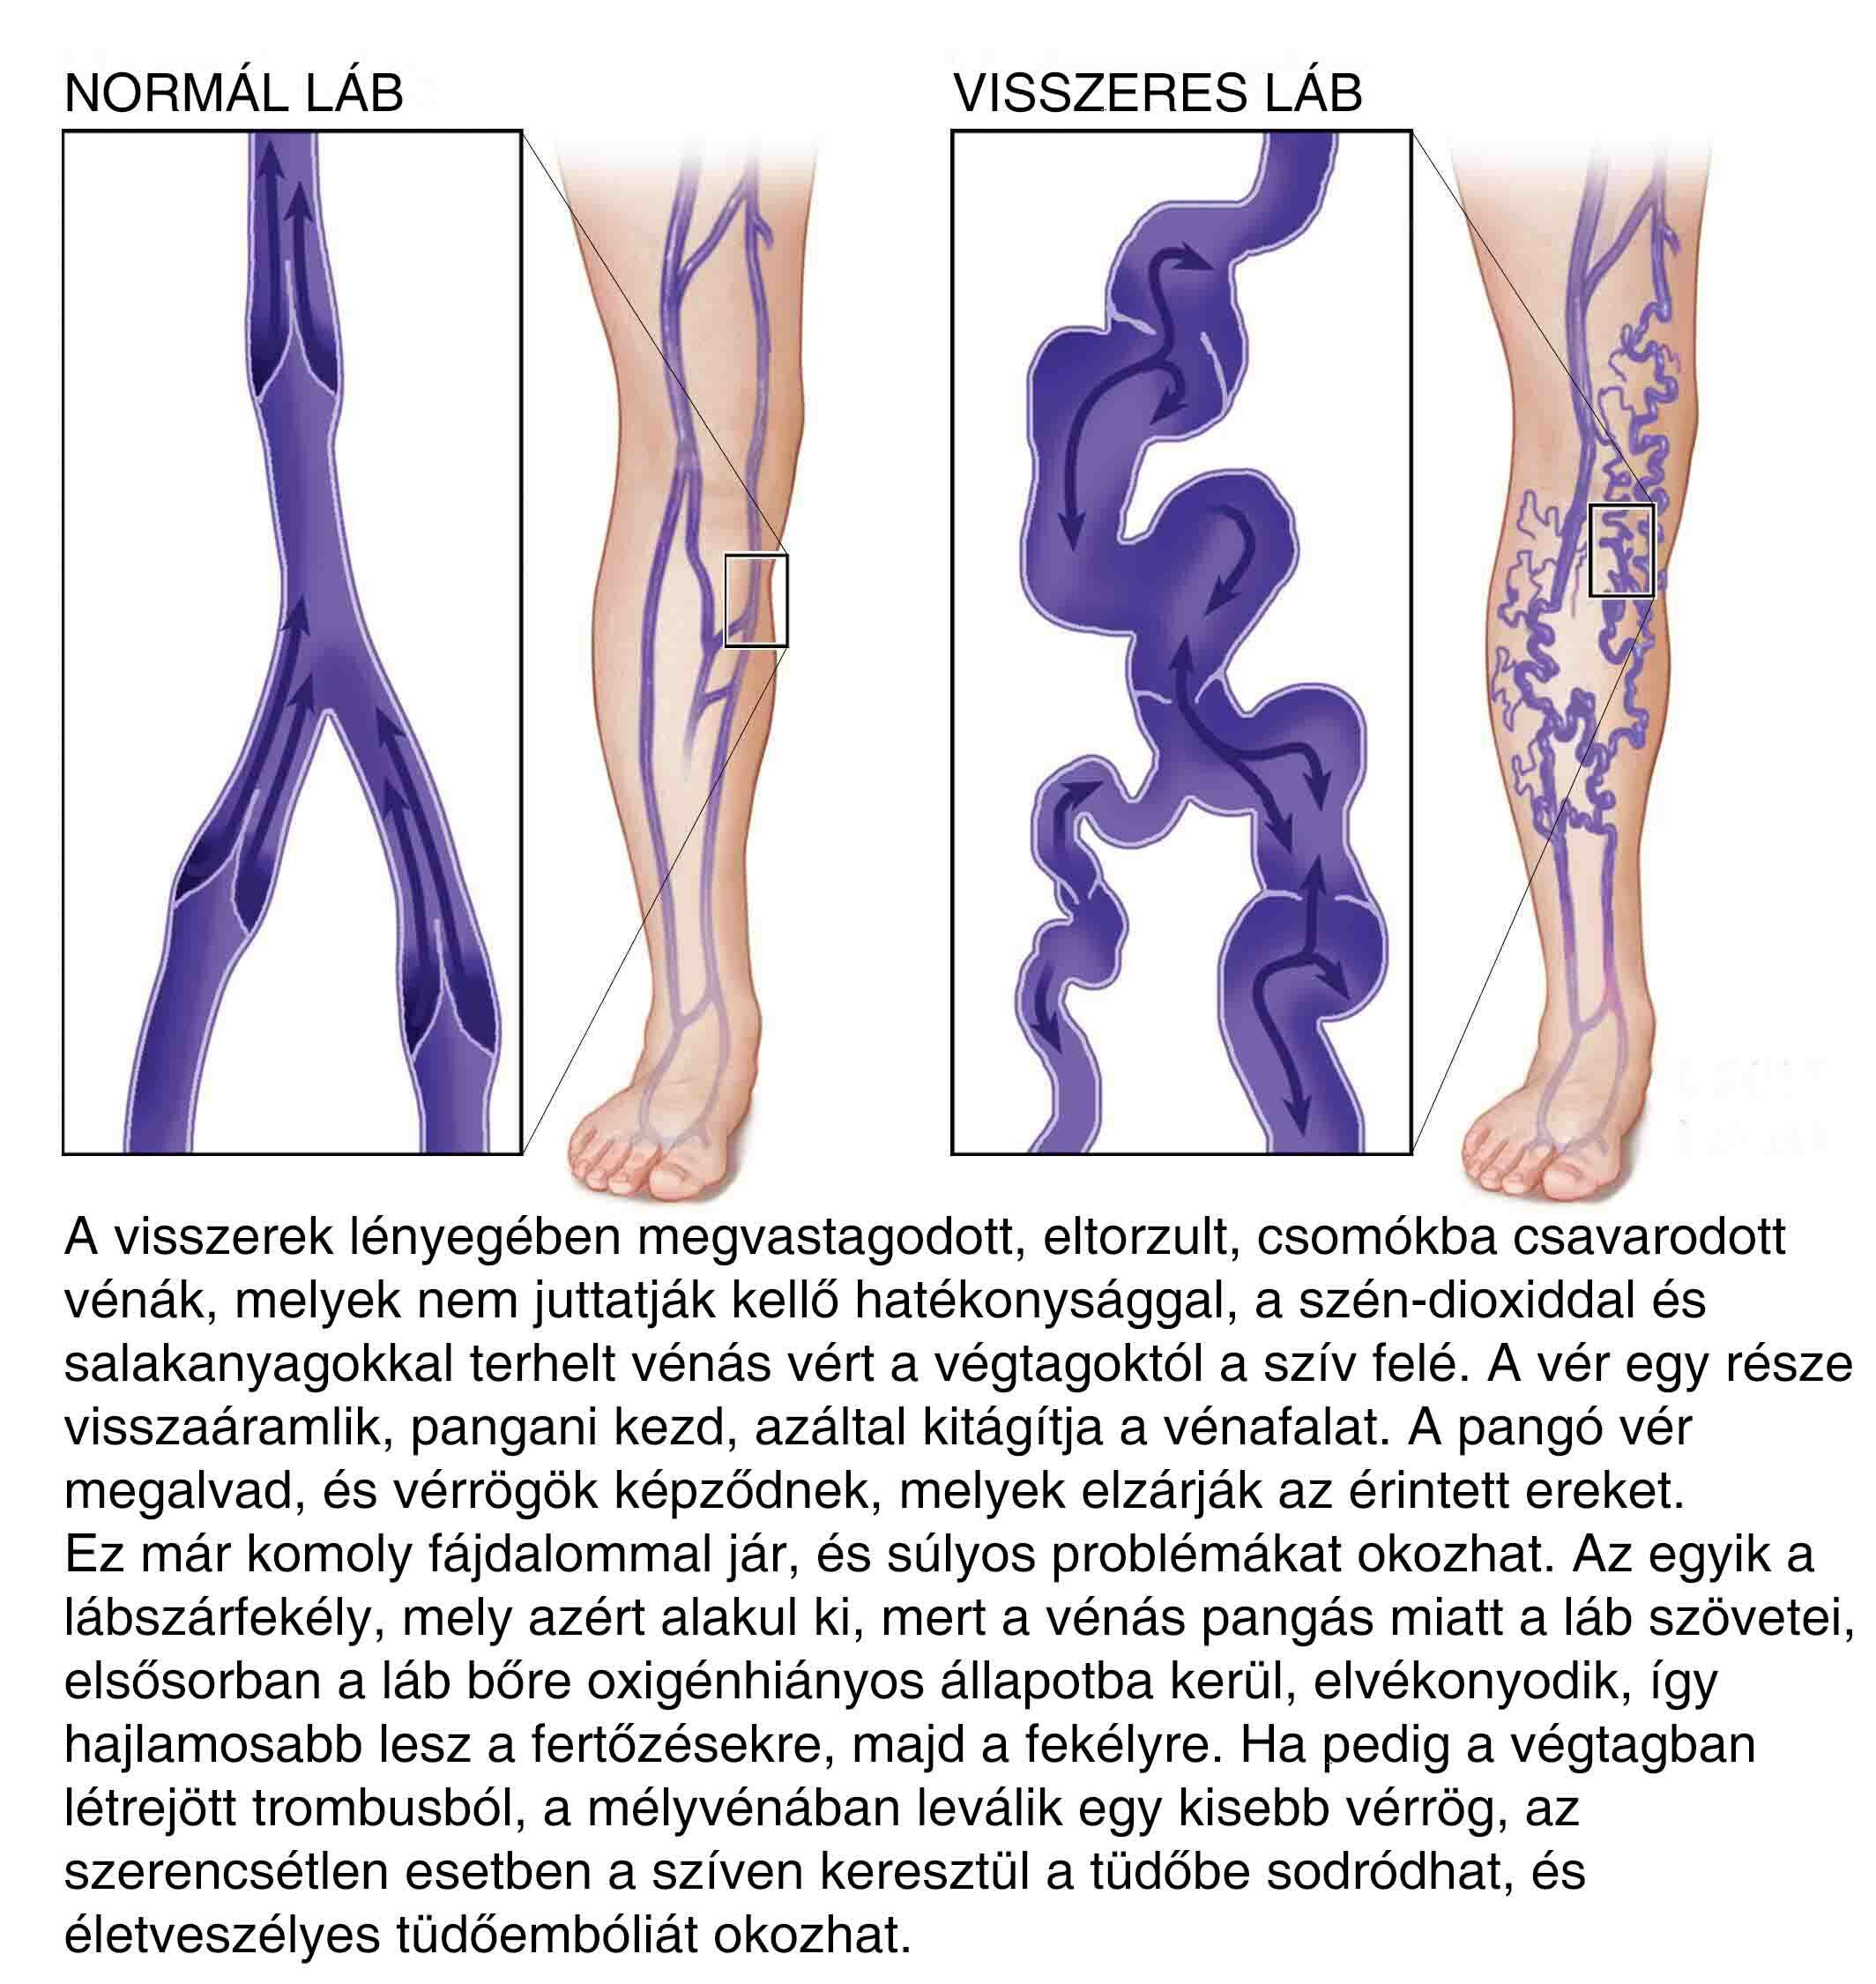 Visszeres láb